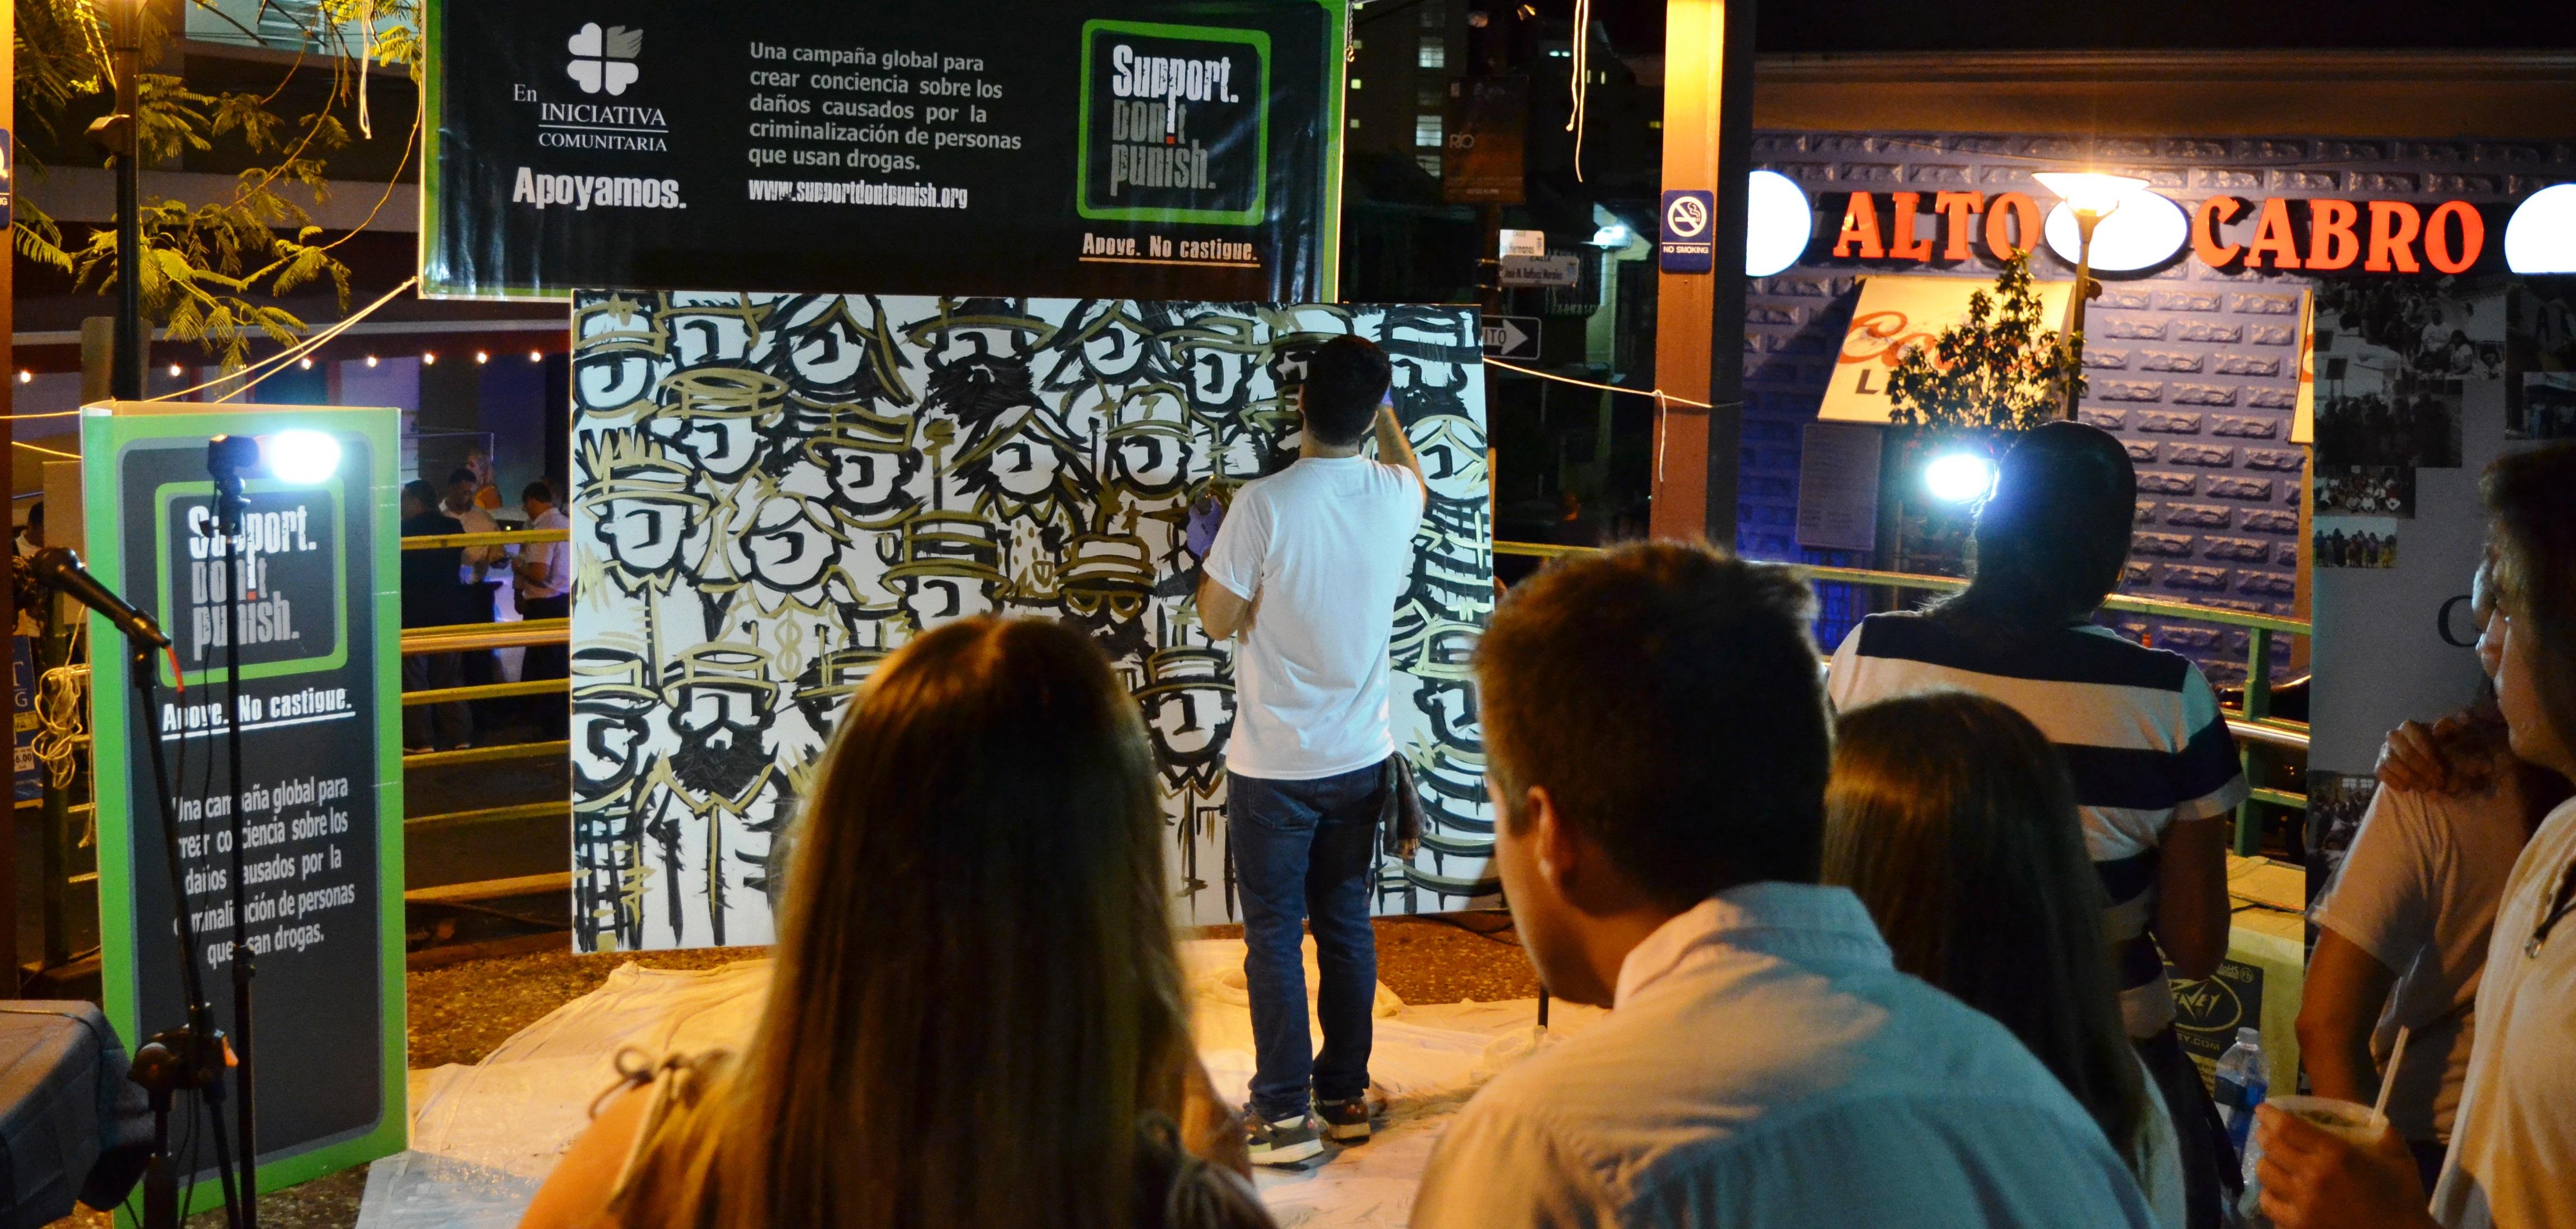 Iniciativa Comunitaria aboga por los consumidores de drogas a través del arte